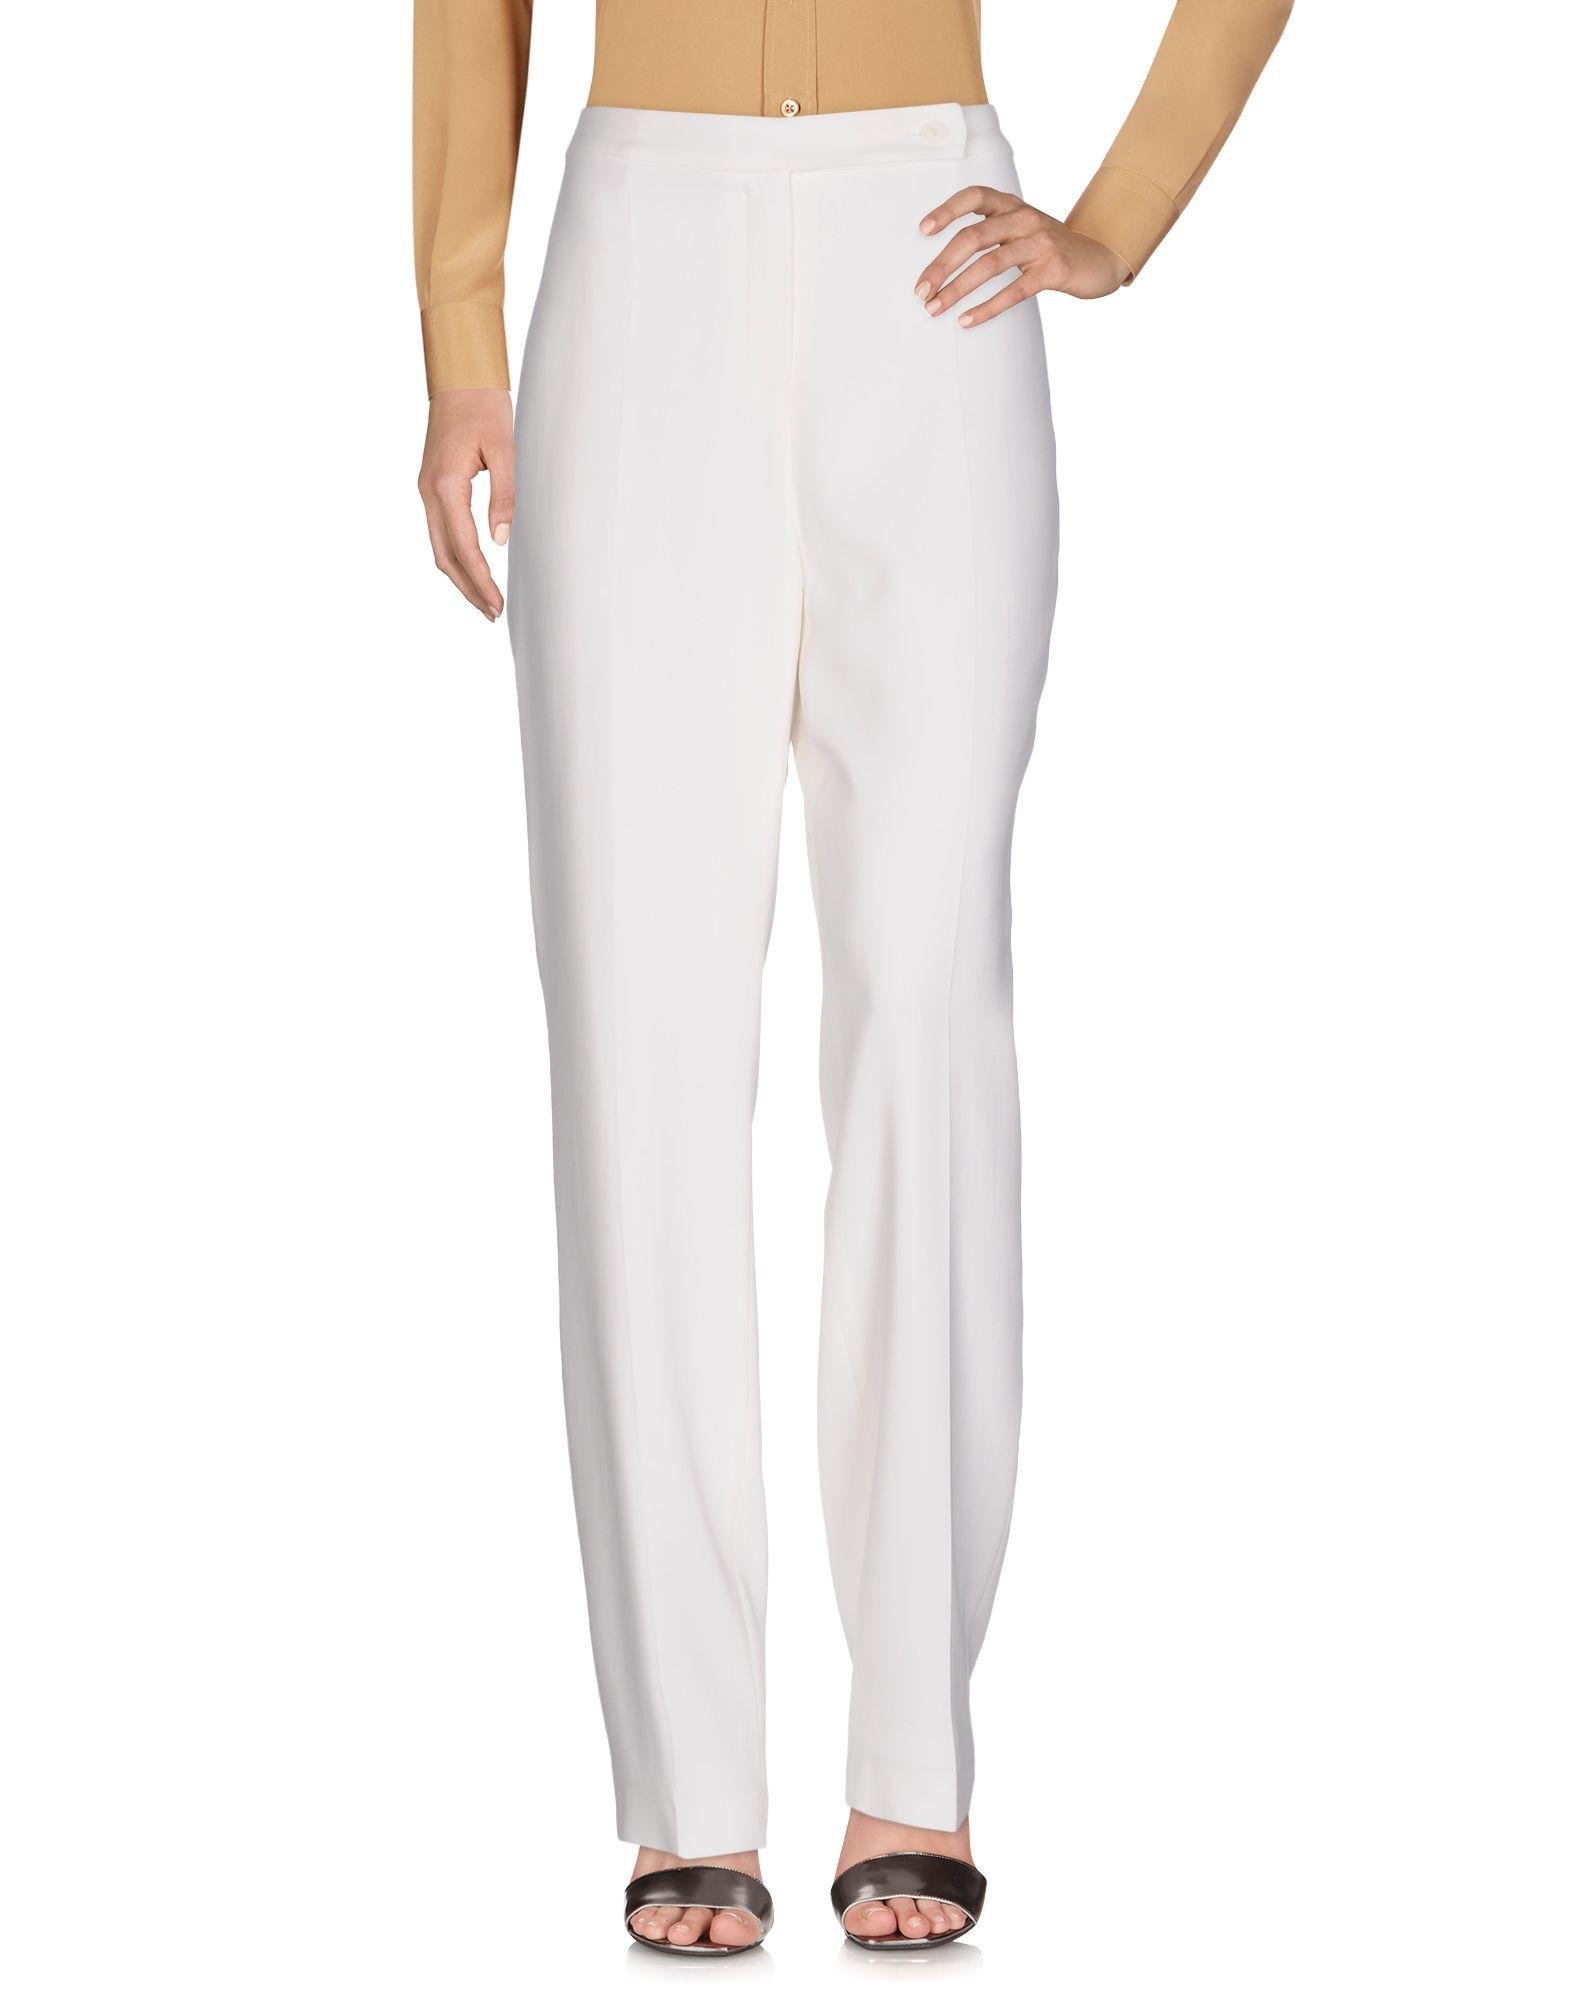 ROBERTO QUAGLIA Damen Hose Farbe Weiß Größe 7